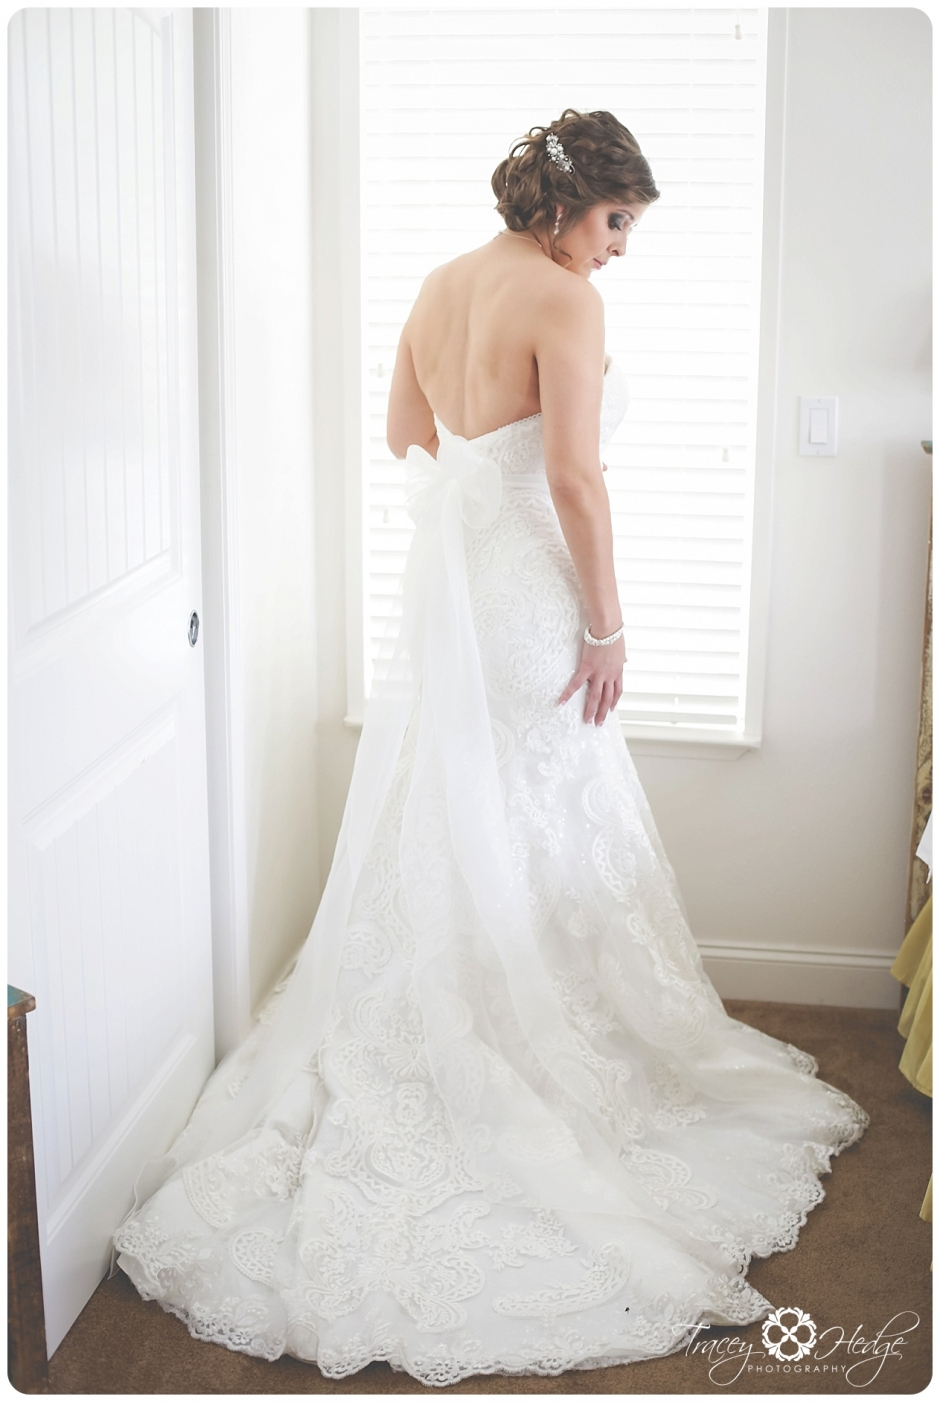 Kevan and Alicia Wedding at Wonder Valley Ranch_0005.jpg